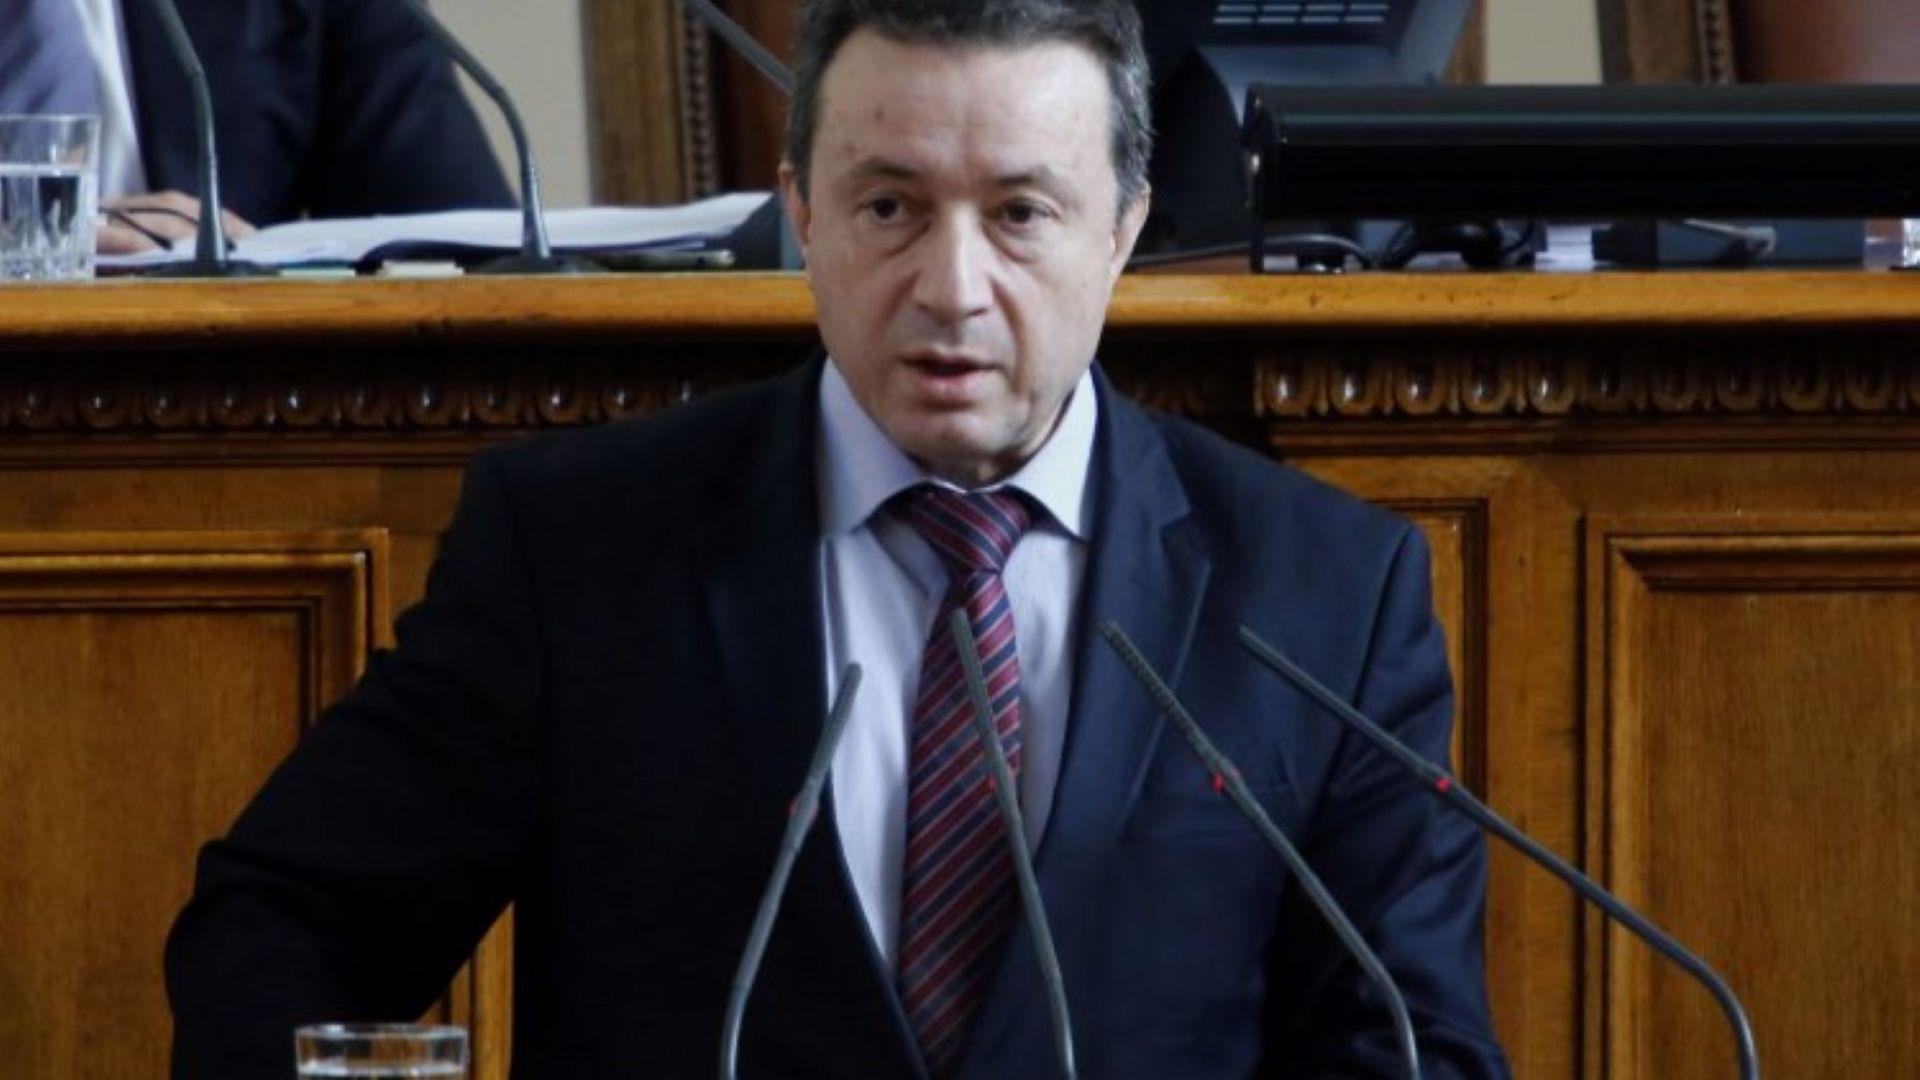 Янаки Стоилов от БСП оттегли кандидатурата си за конституционен съдия,